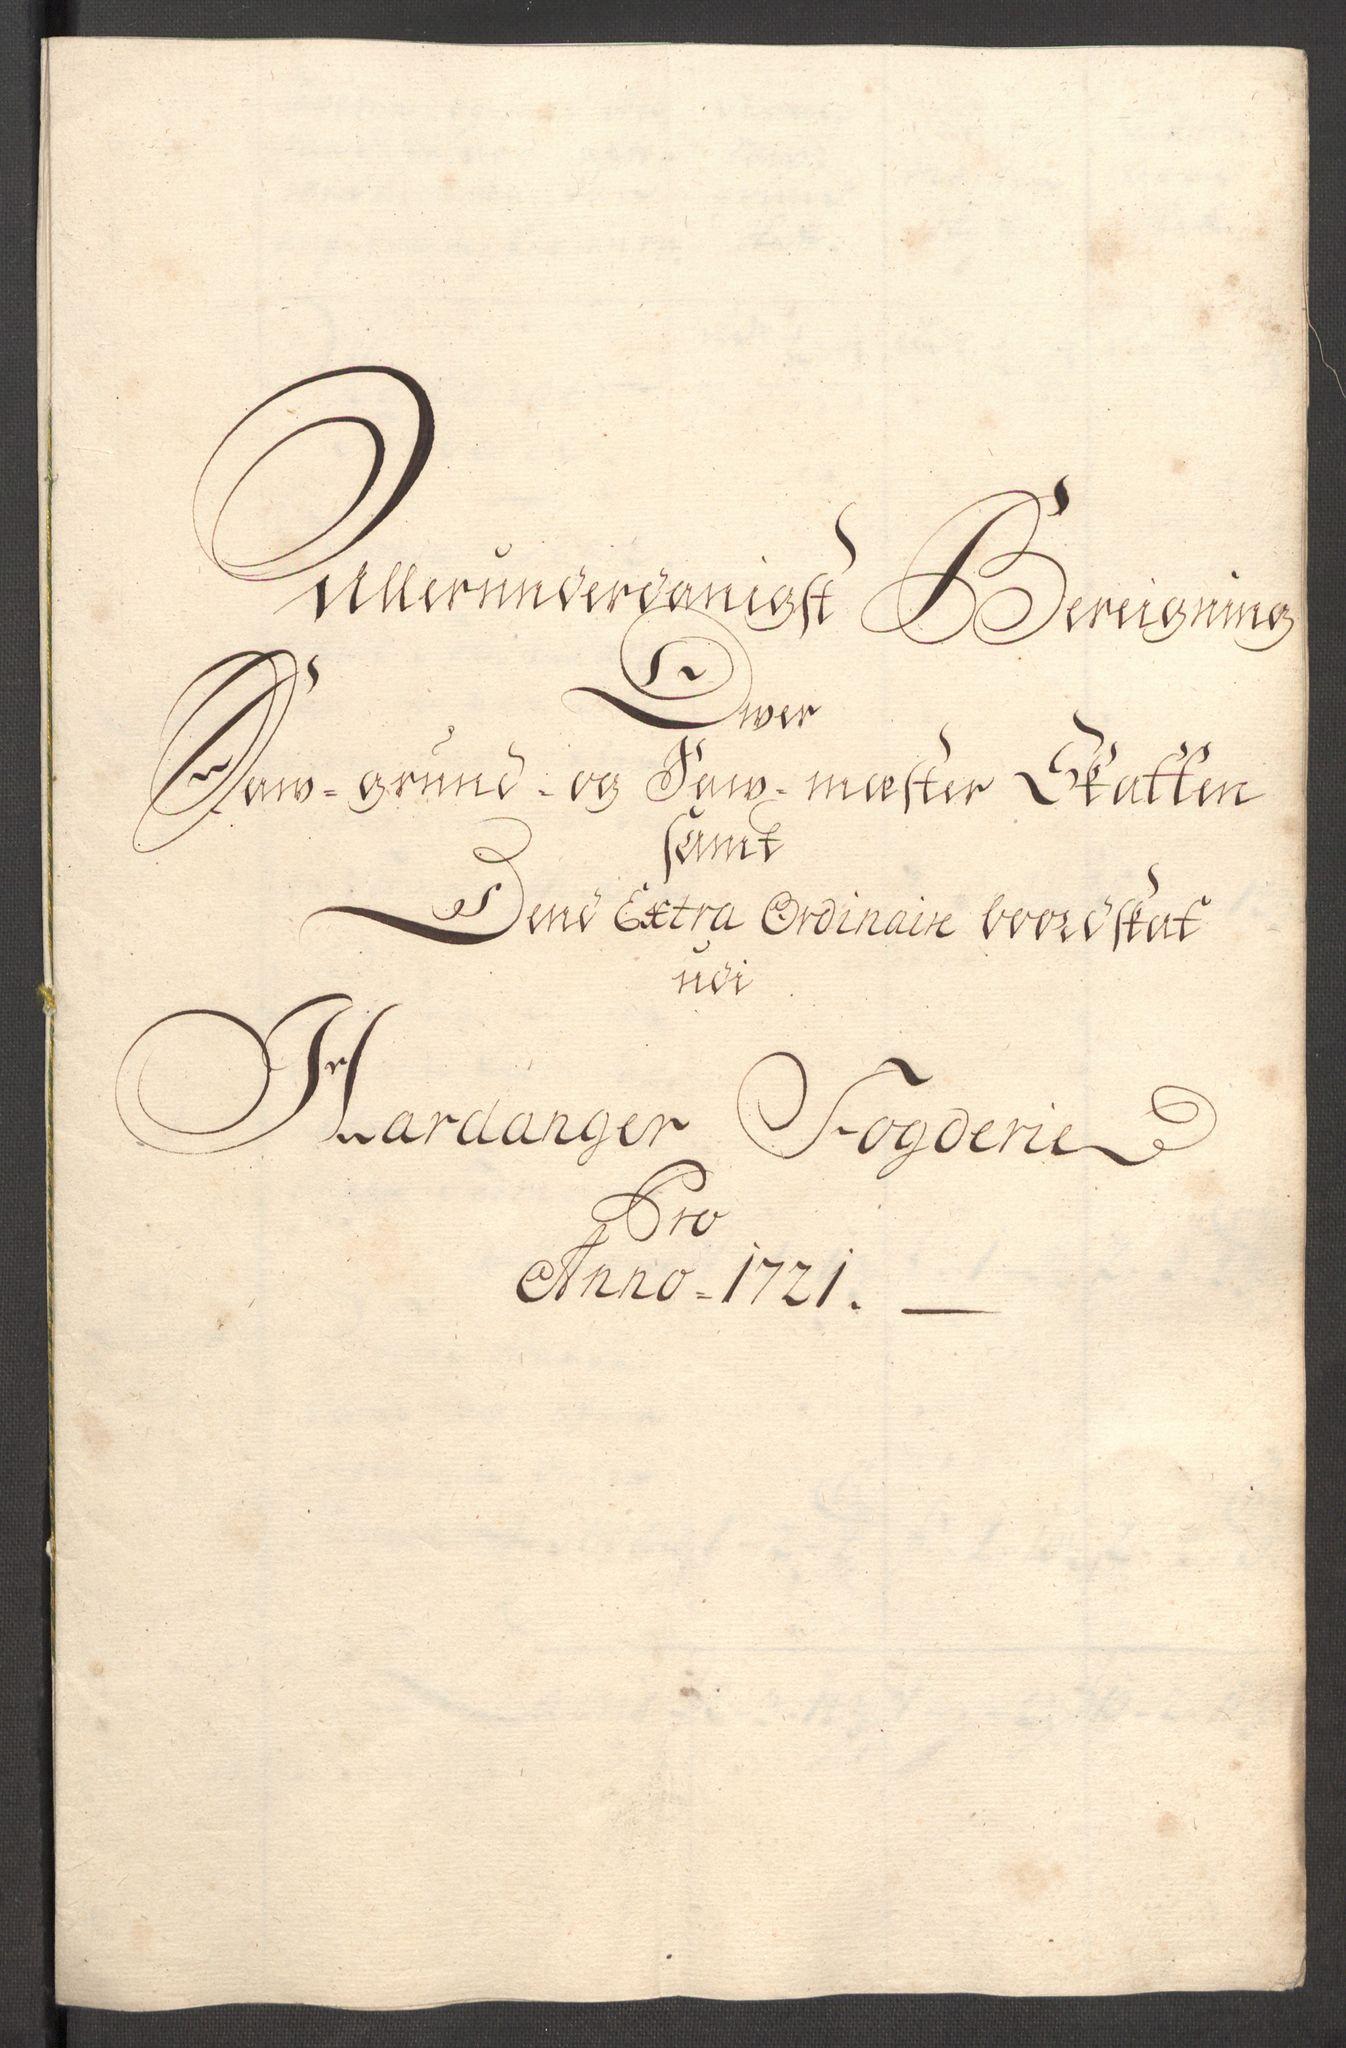 RA, Rentekammeret inntil 1814, Reviderte regnskaper, Fogderegnskap, R48/L3000: Fogderegnskap Sunnhordland og Hardanger, 1721, s. 167